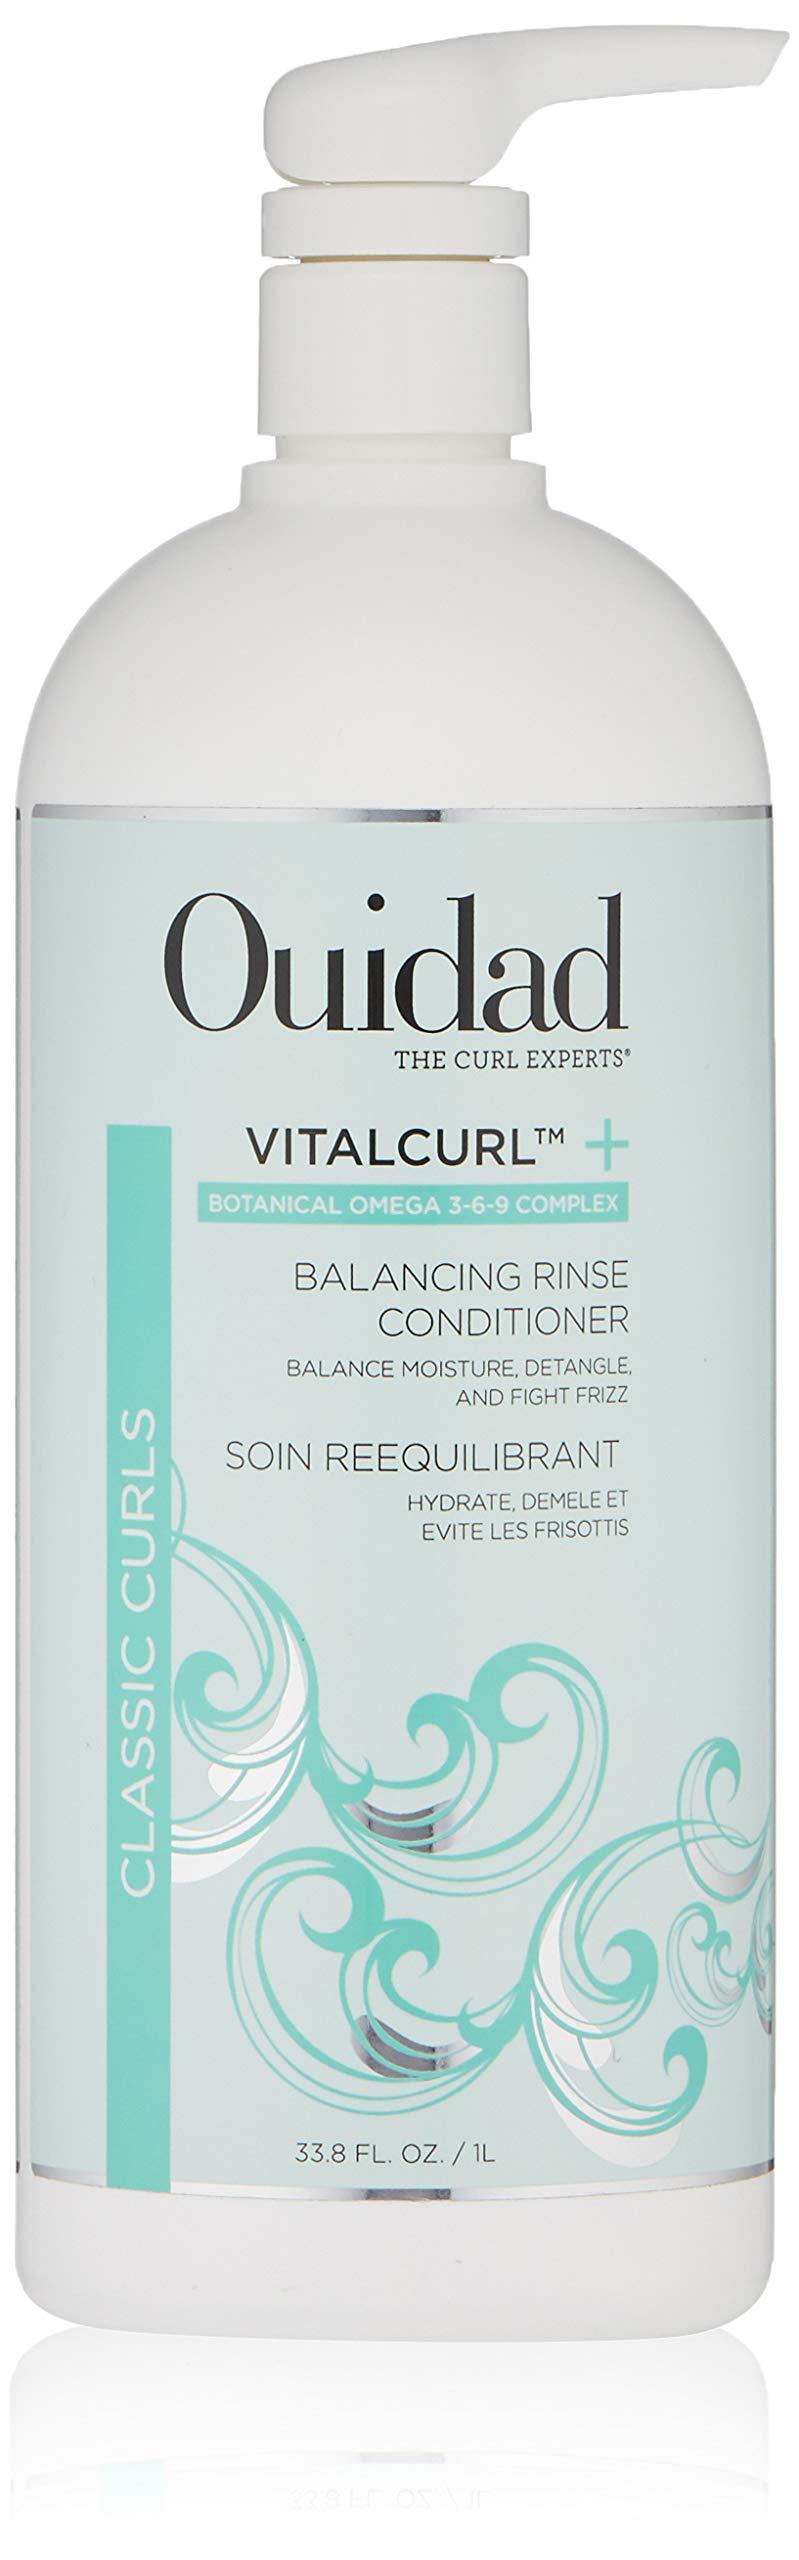 OUIDAD Vitalcurl+ Balancing Rinse Conditioner, 33.8 Oz